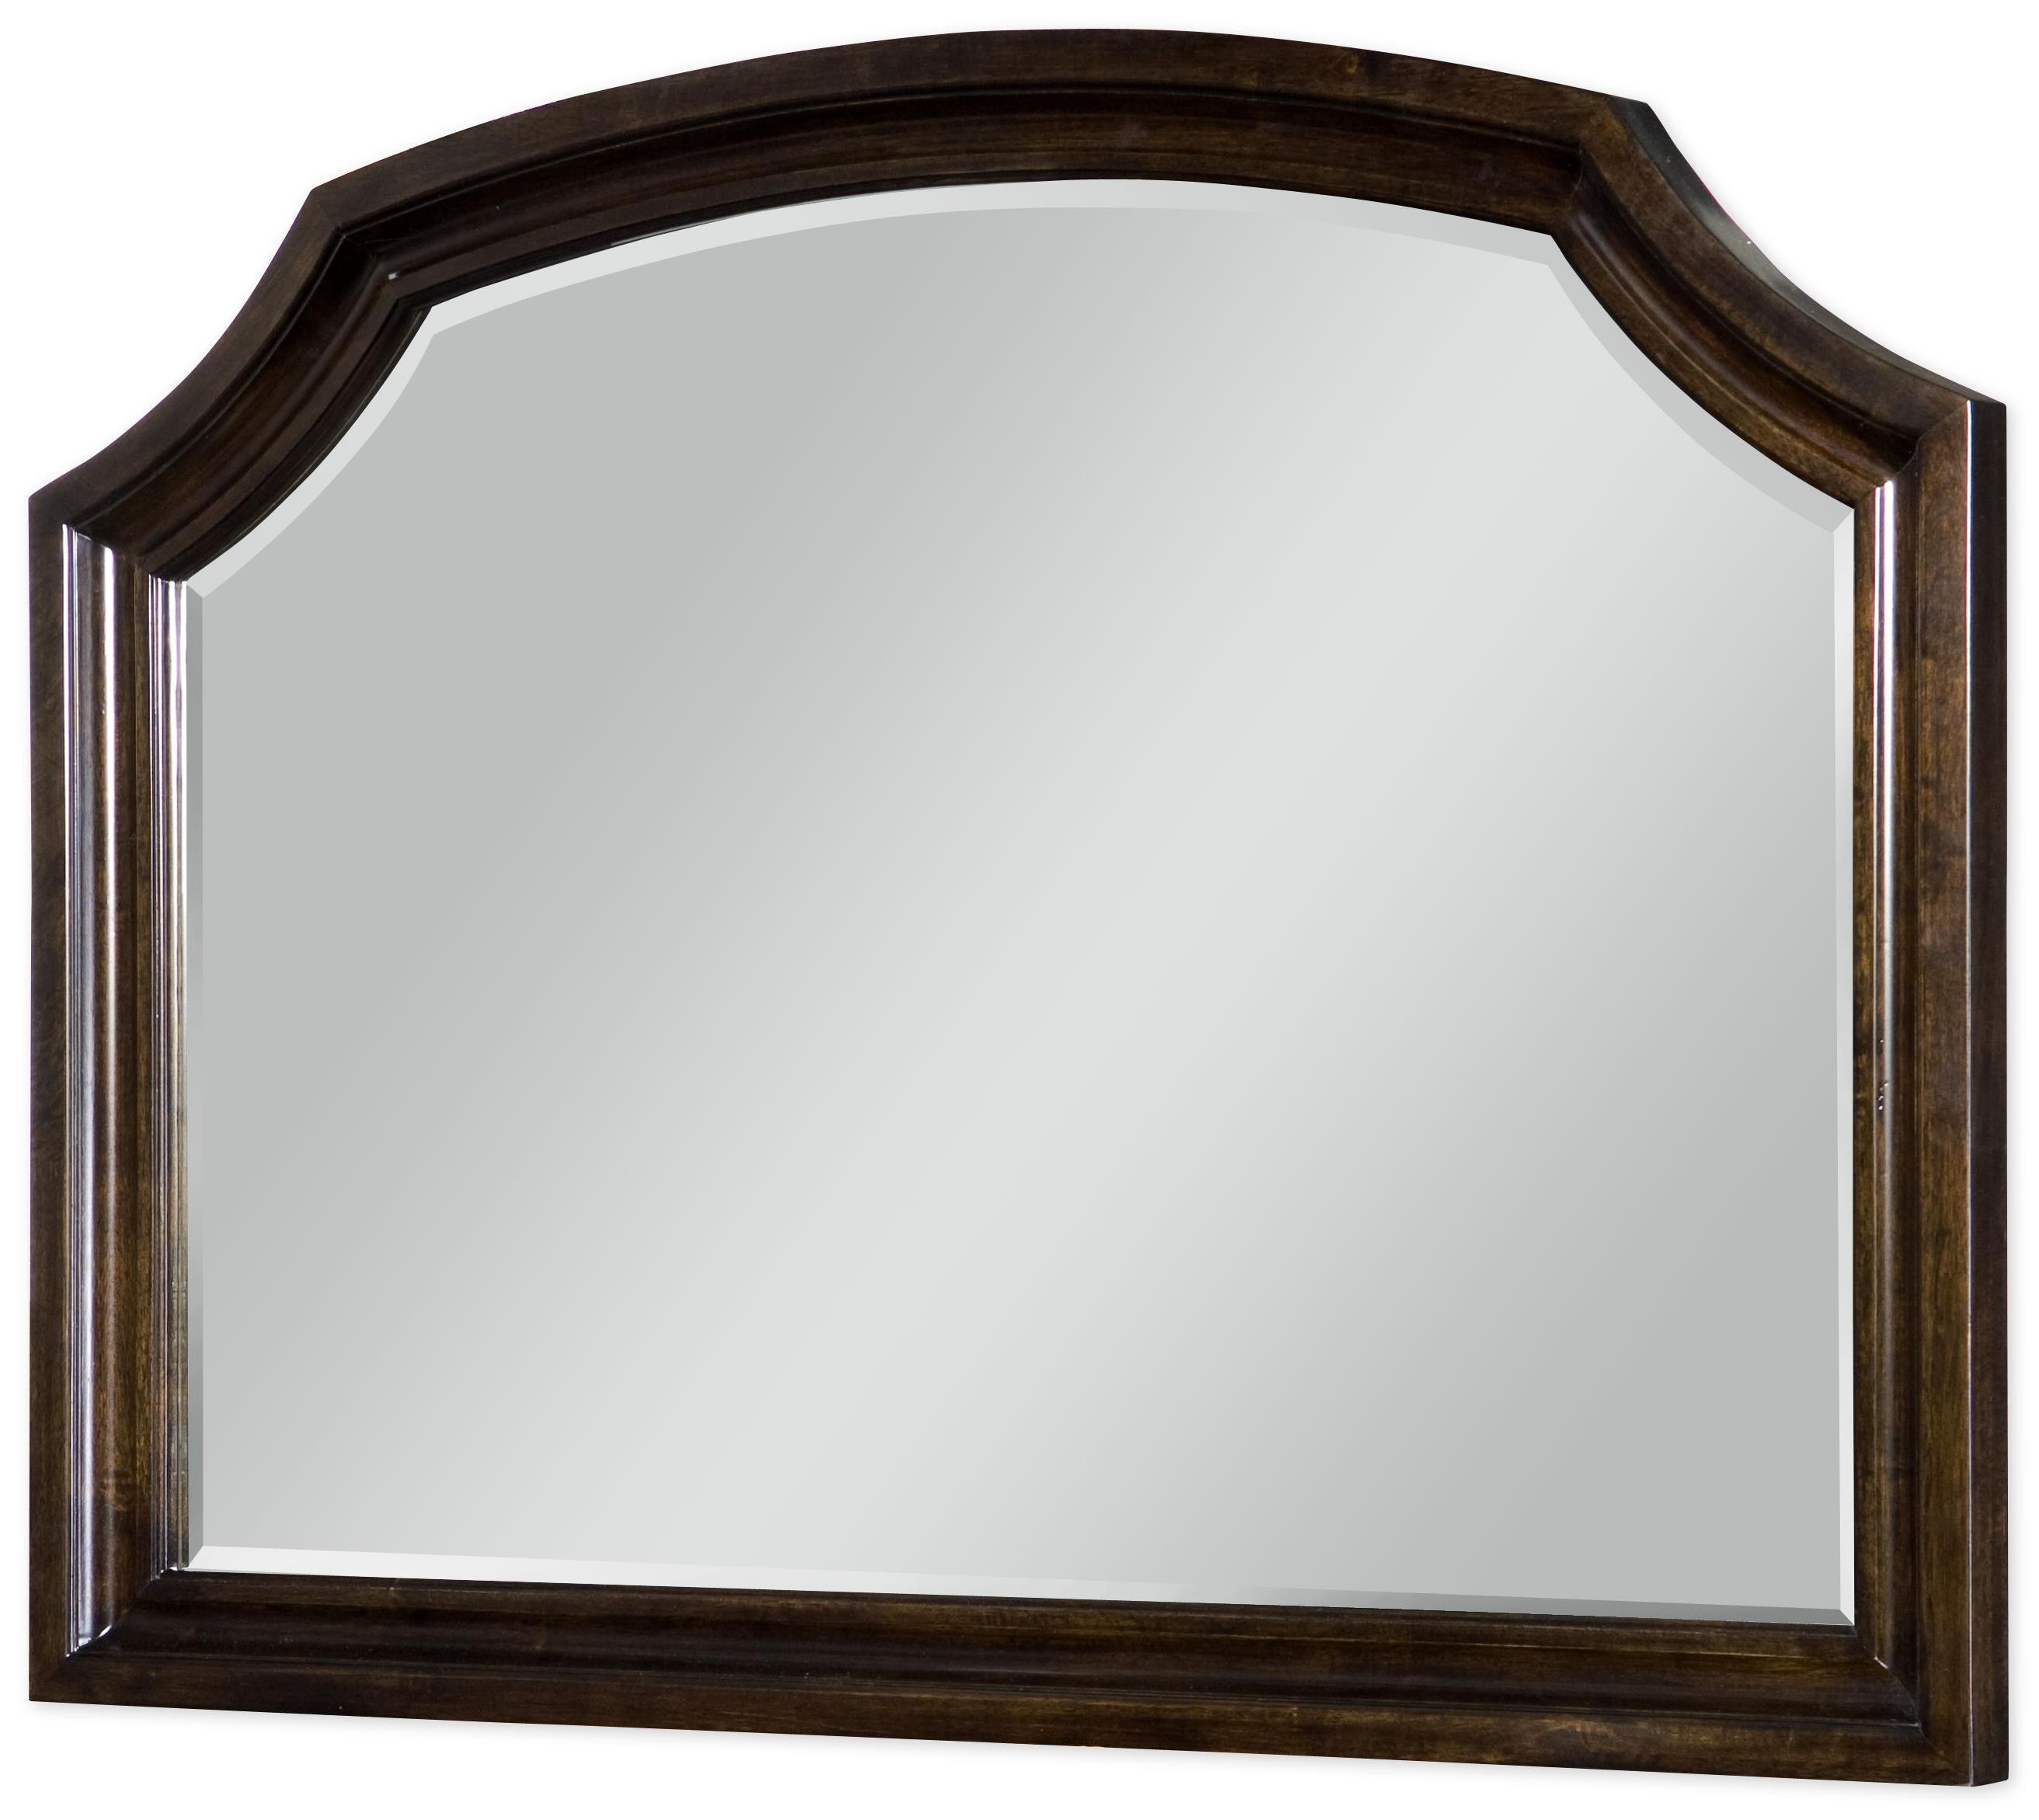 Legacy Classic Sophia Dresser Mirror - Item Number: 4450-0100